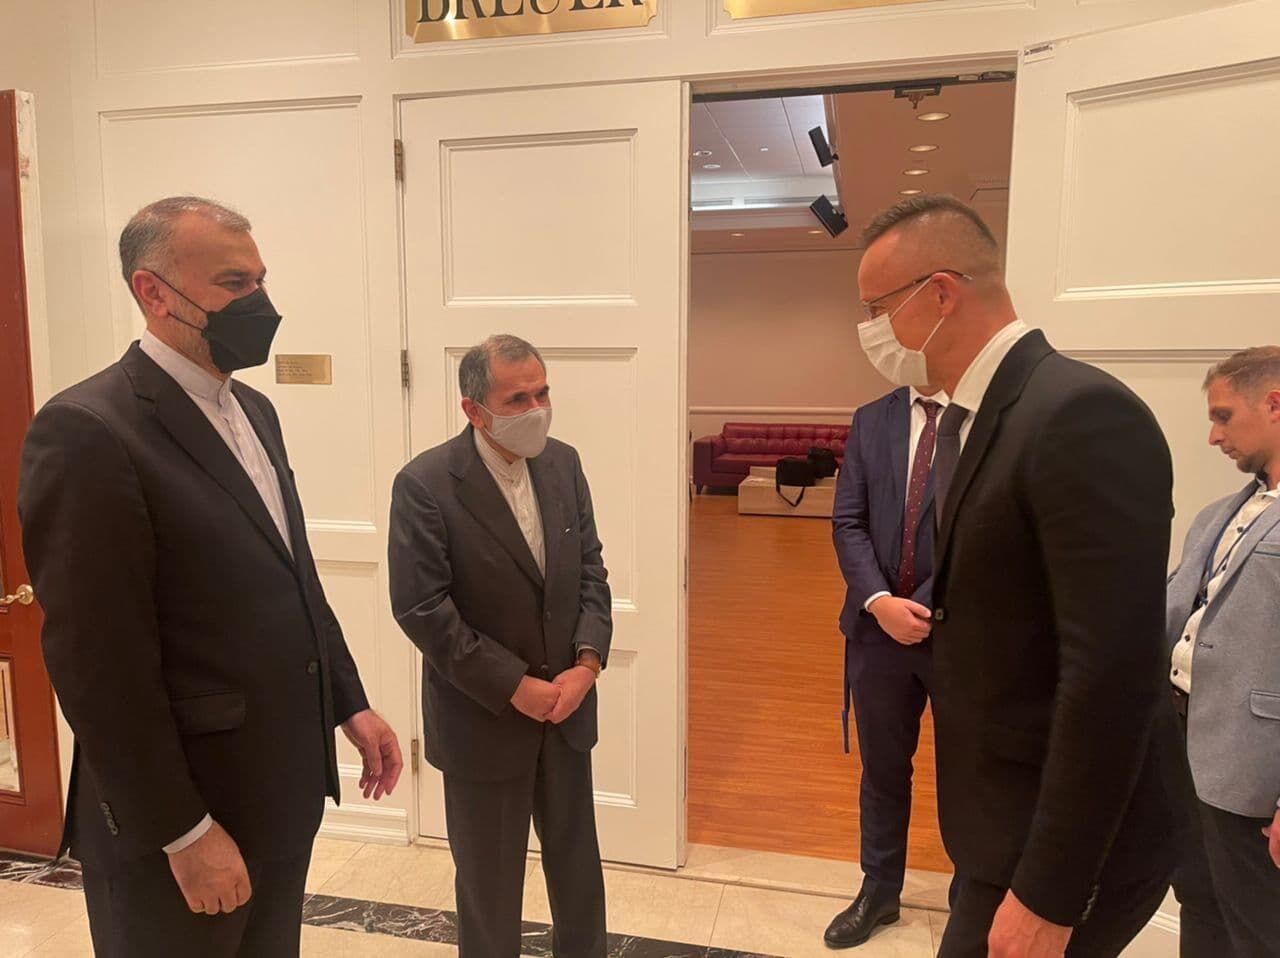 تاکید وزرای خارجه ایران و مجارستان به توسعه روابط اقتصادی دوکشور